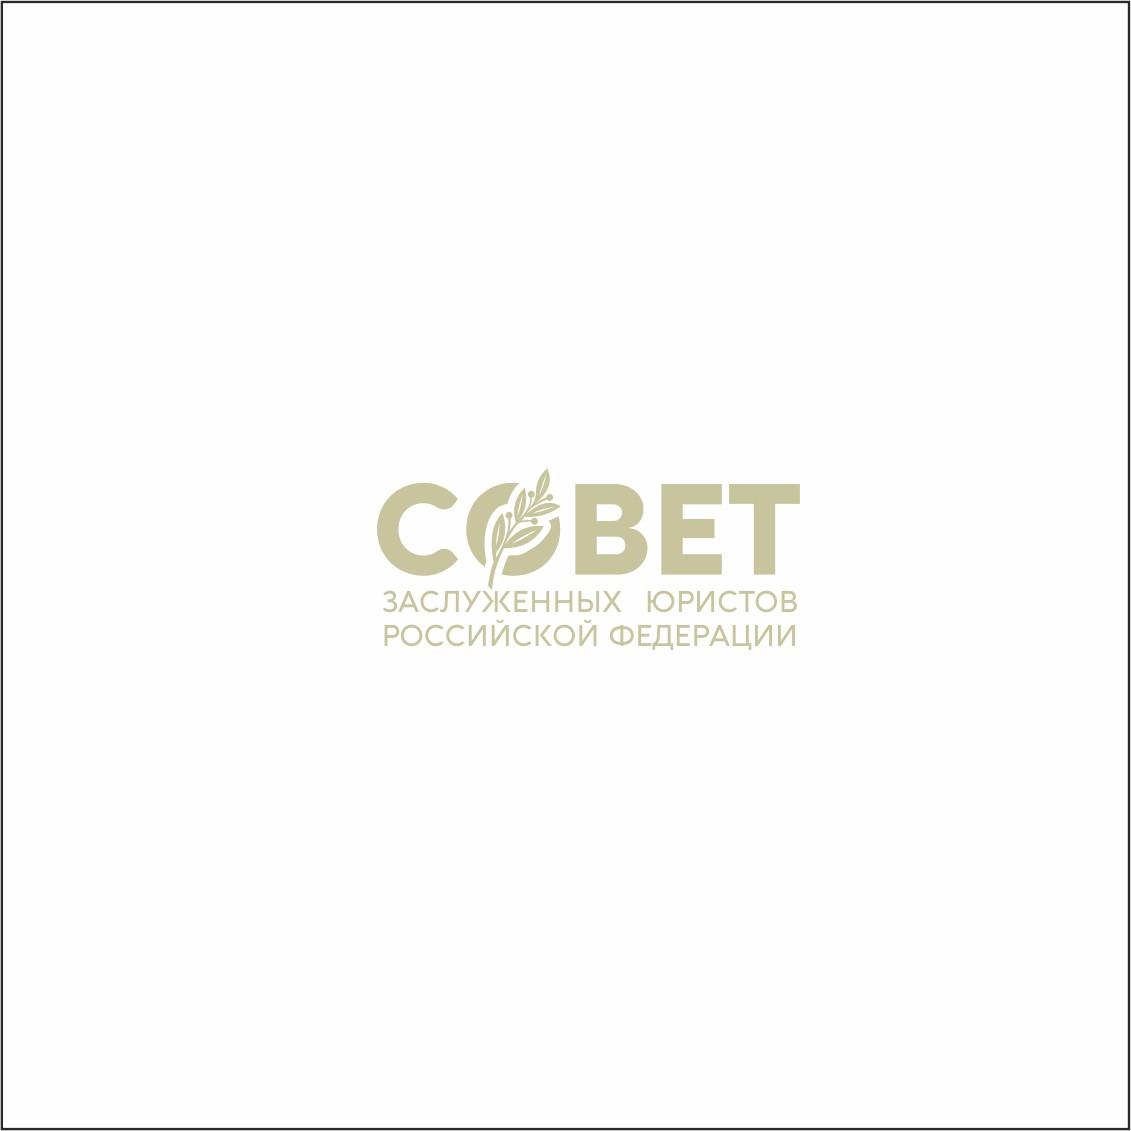 Разработка логотипа Совета (Клуба) заслуженных юристов Российской Федерации фото f_2865e3d747fc3586.jpg